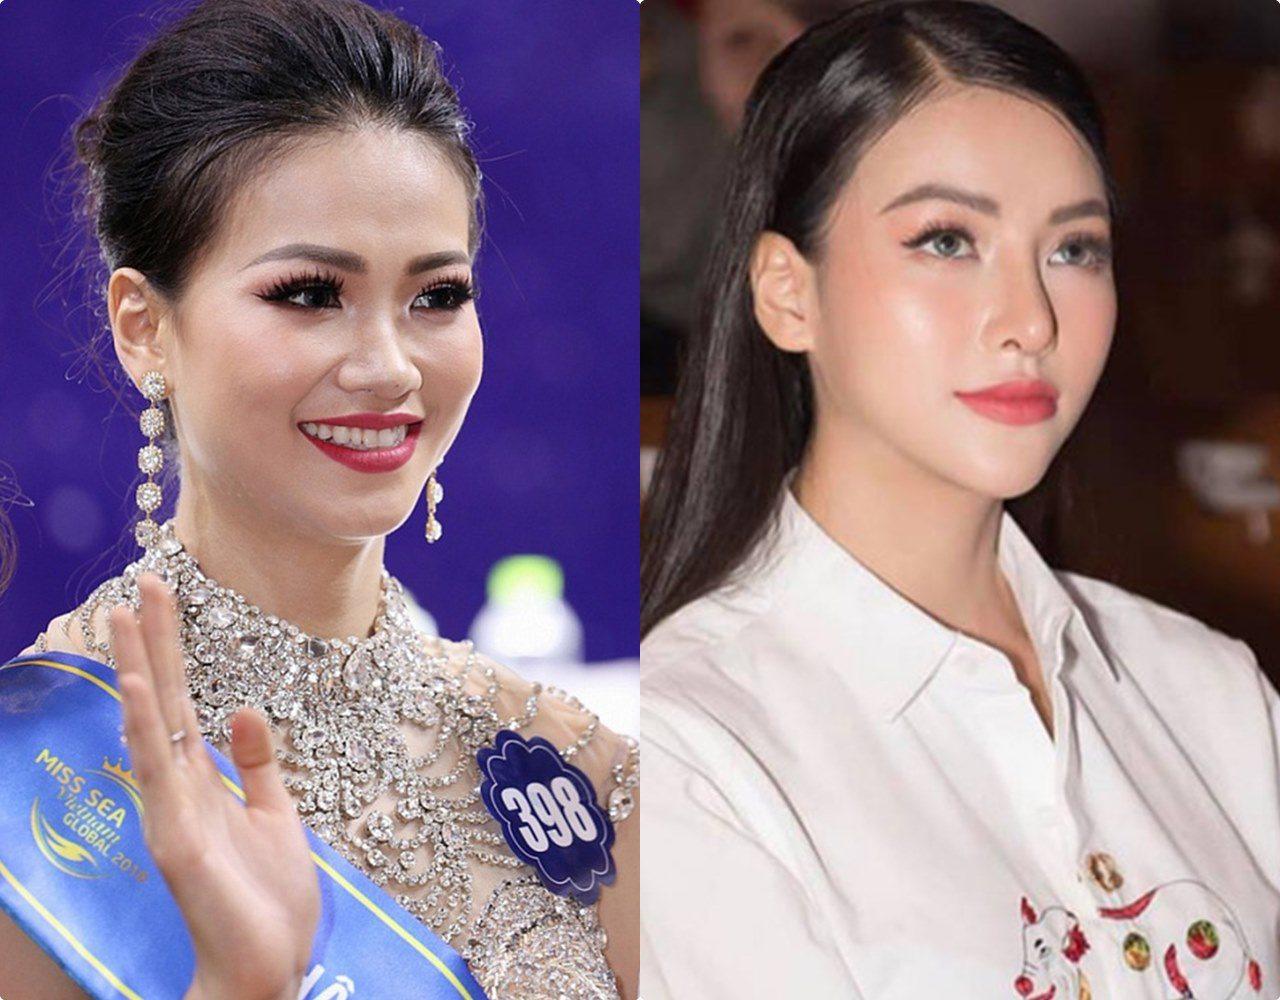 Hiếm hoi tụ họp, hội bạn thân của Hà Tăng hút sóng mạng bởi diện mạo trẻ đẹp bất chấp - 14